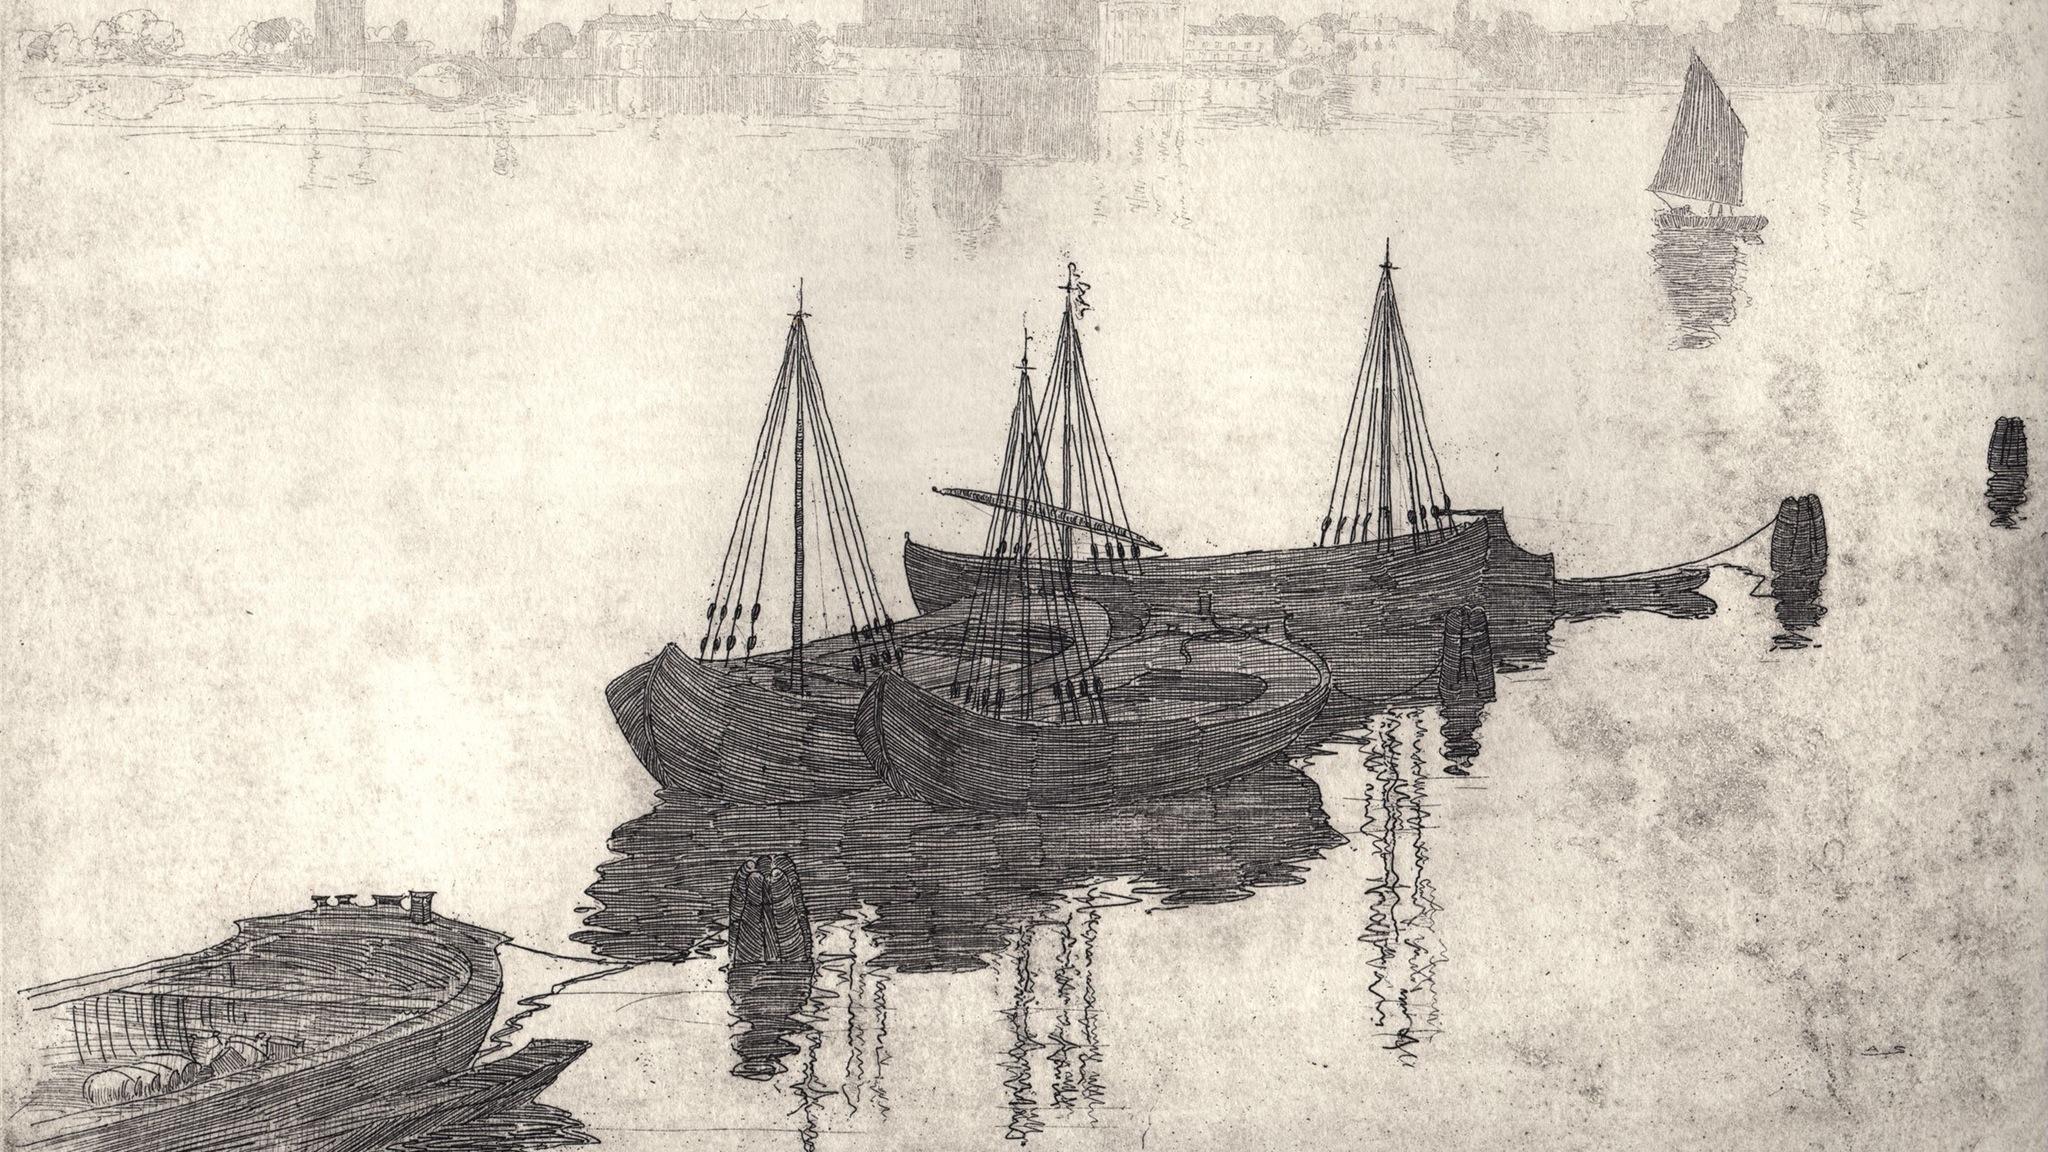 Sir Arthur Streeton etching printed by Theo Mantalvanos 2017